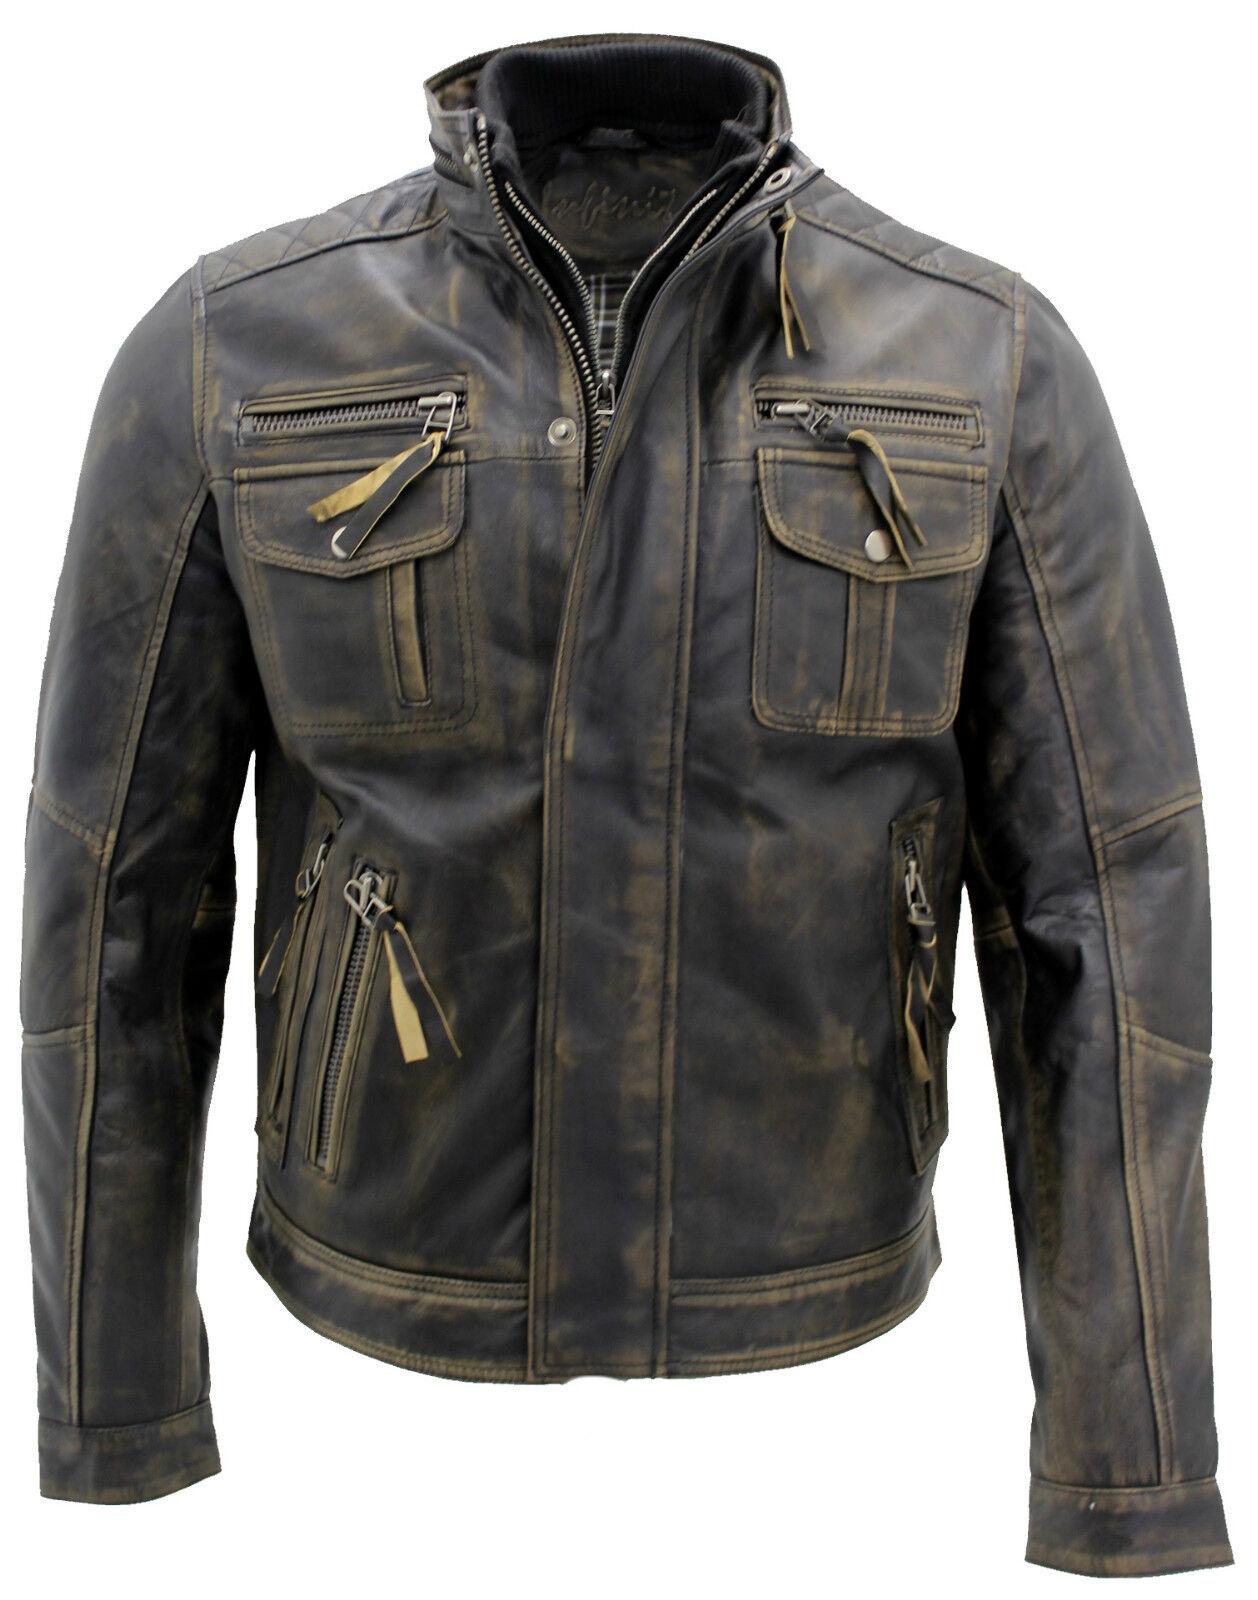 Noir Motard Homme Cuir Veste Rétro 100 Vintage Chaude 5w0xArqg0